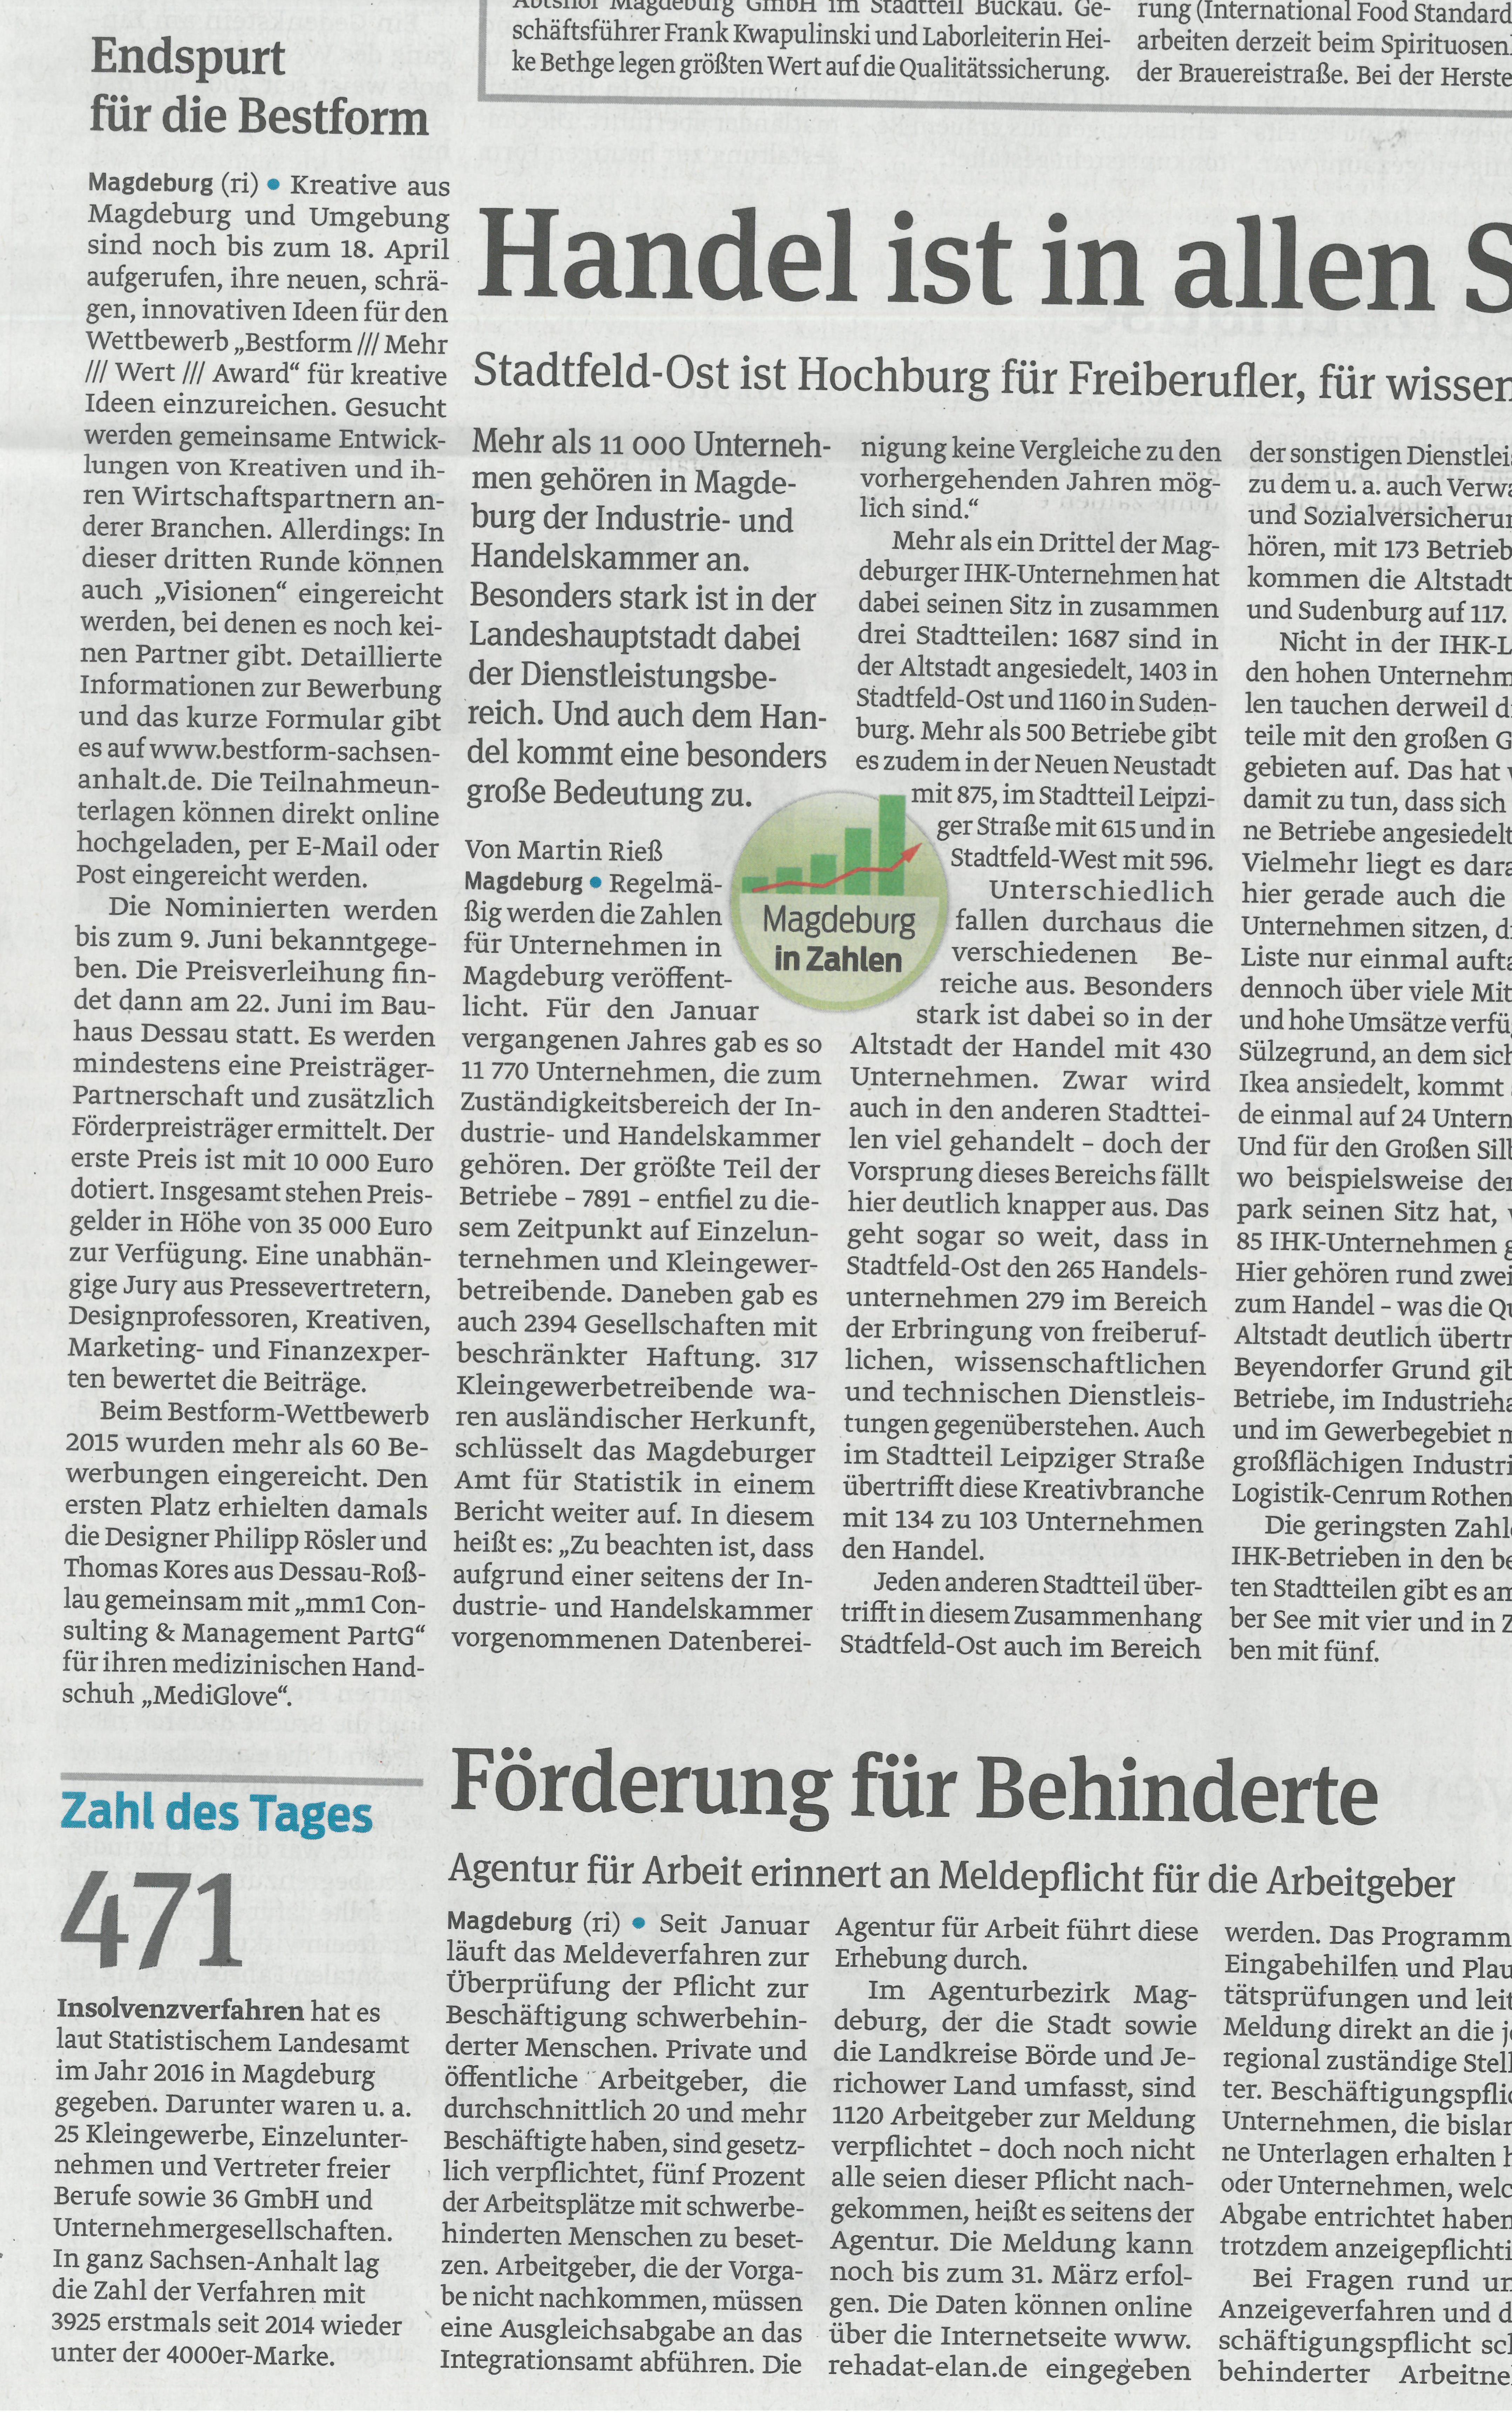 Kreativwirtschaft sachsen anhalt pressespiegel for Spiegel redaktion